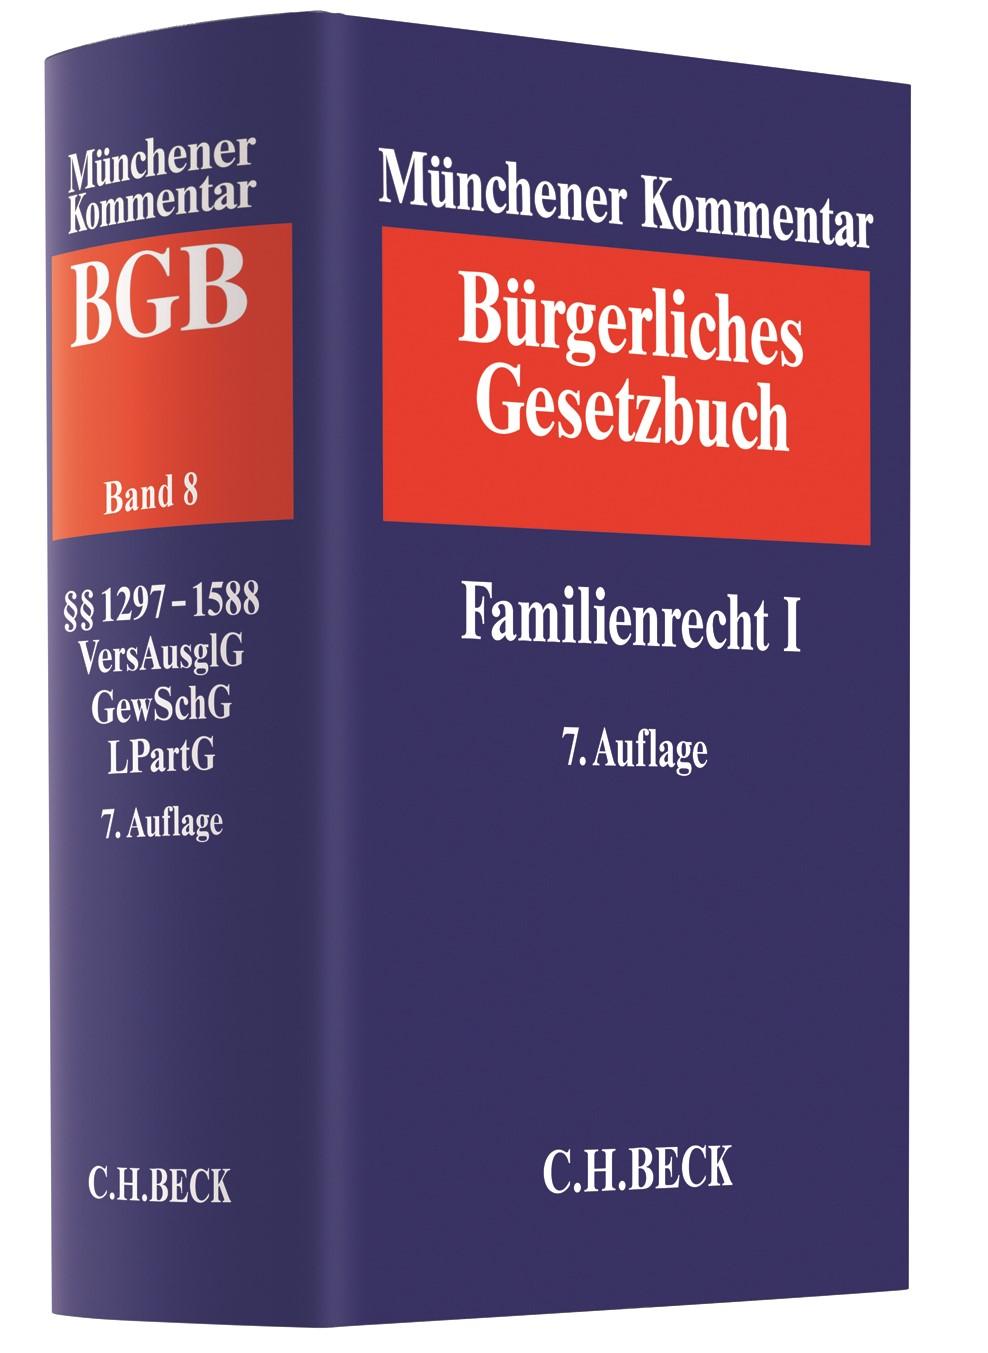 Münchener Kommentar zum Bürgerlichen Gesetzbuch: BGB, Band 8: Familienrecht I §§ 1297-1588 Versorgungsausgleichsgesetz, Gewaltschutzgesetz, Lebenspartnerschaftsgesetz   Buch (Cover)